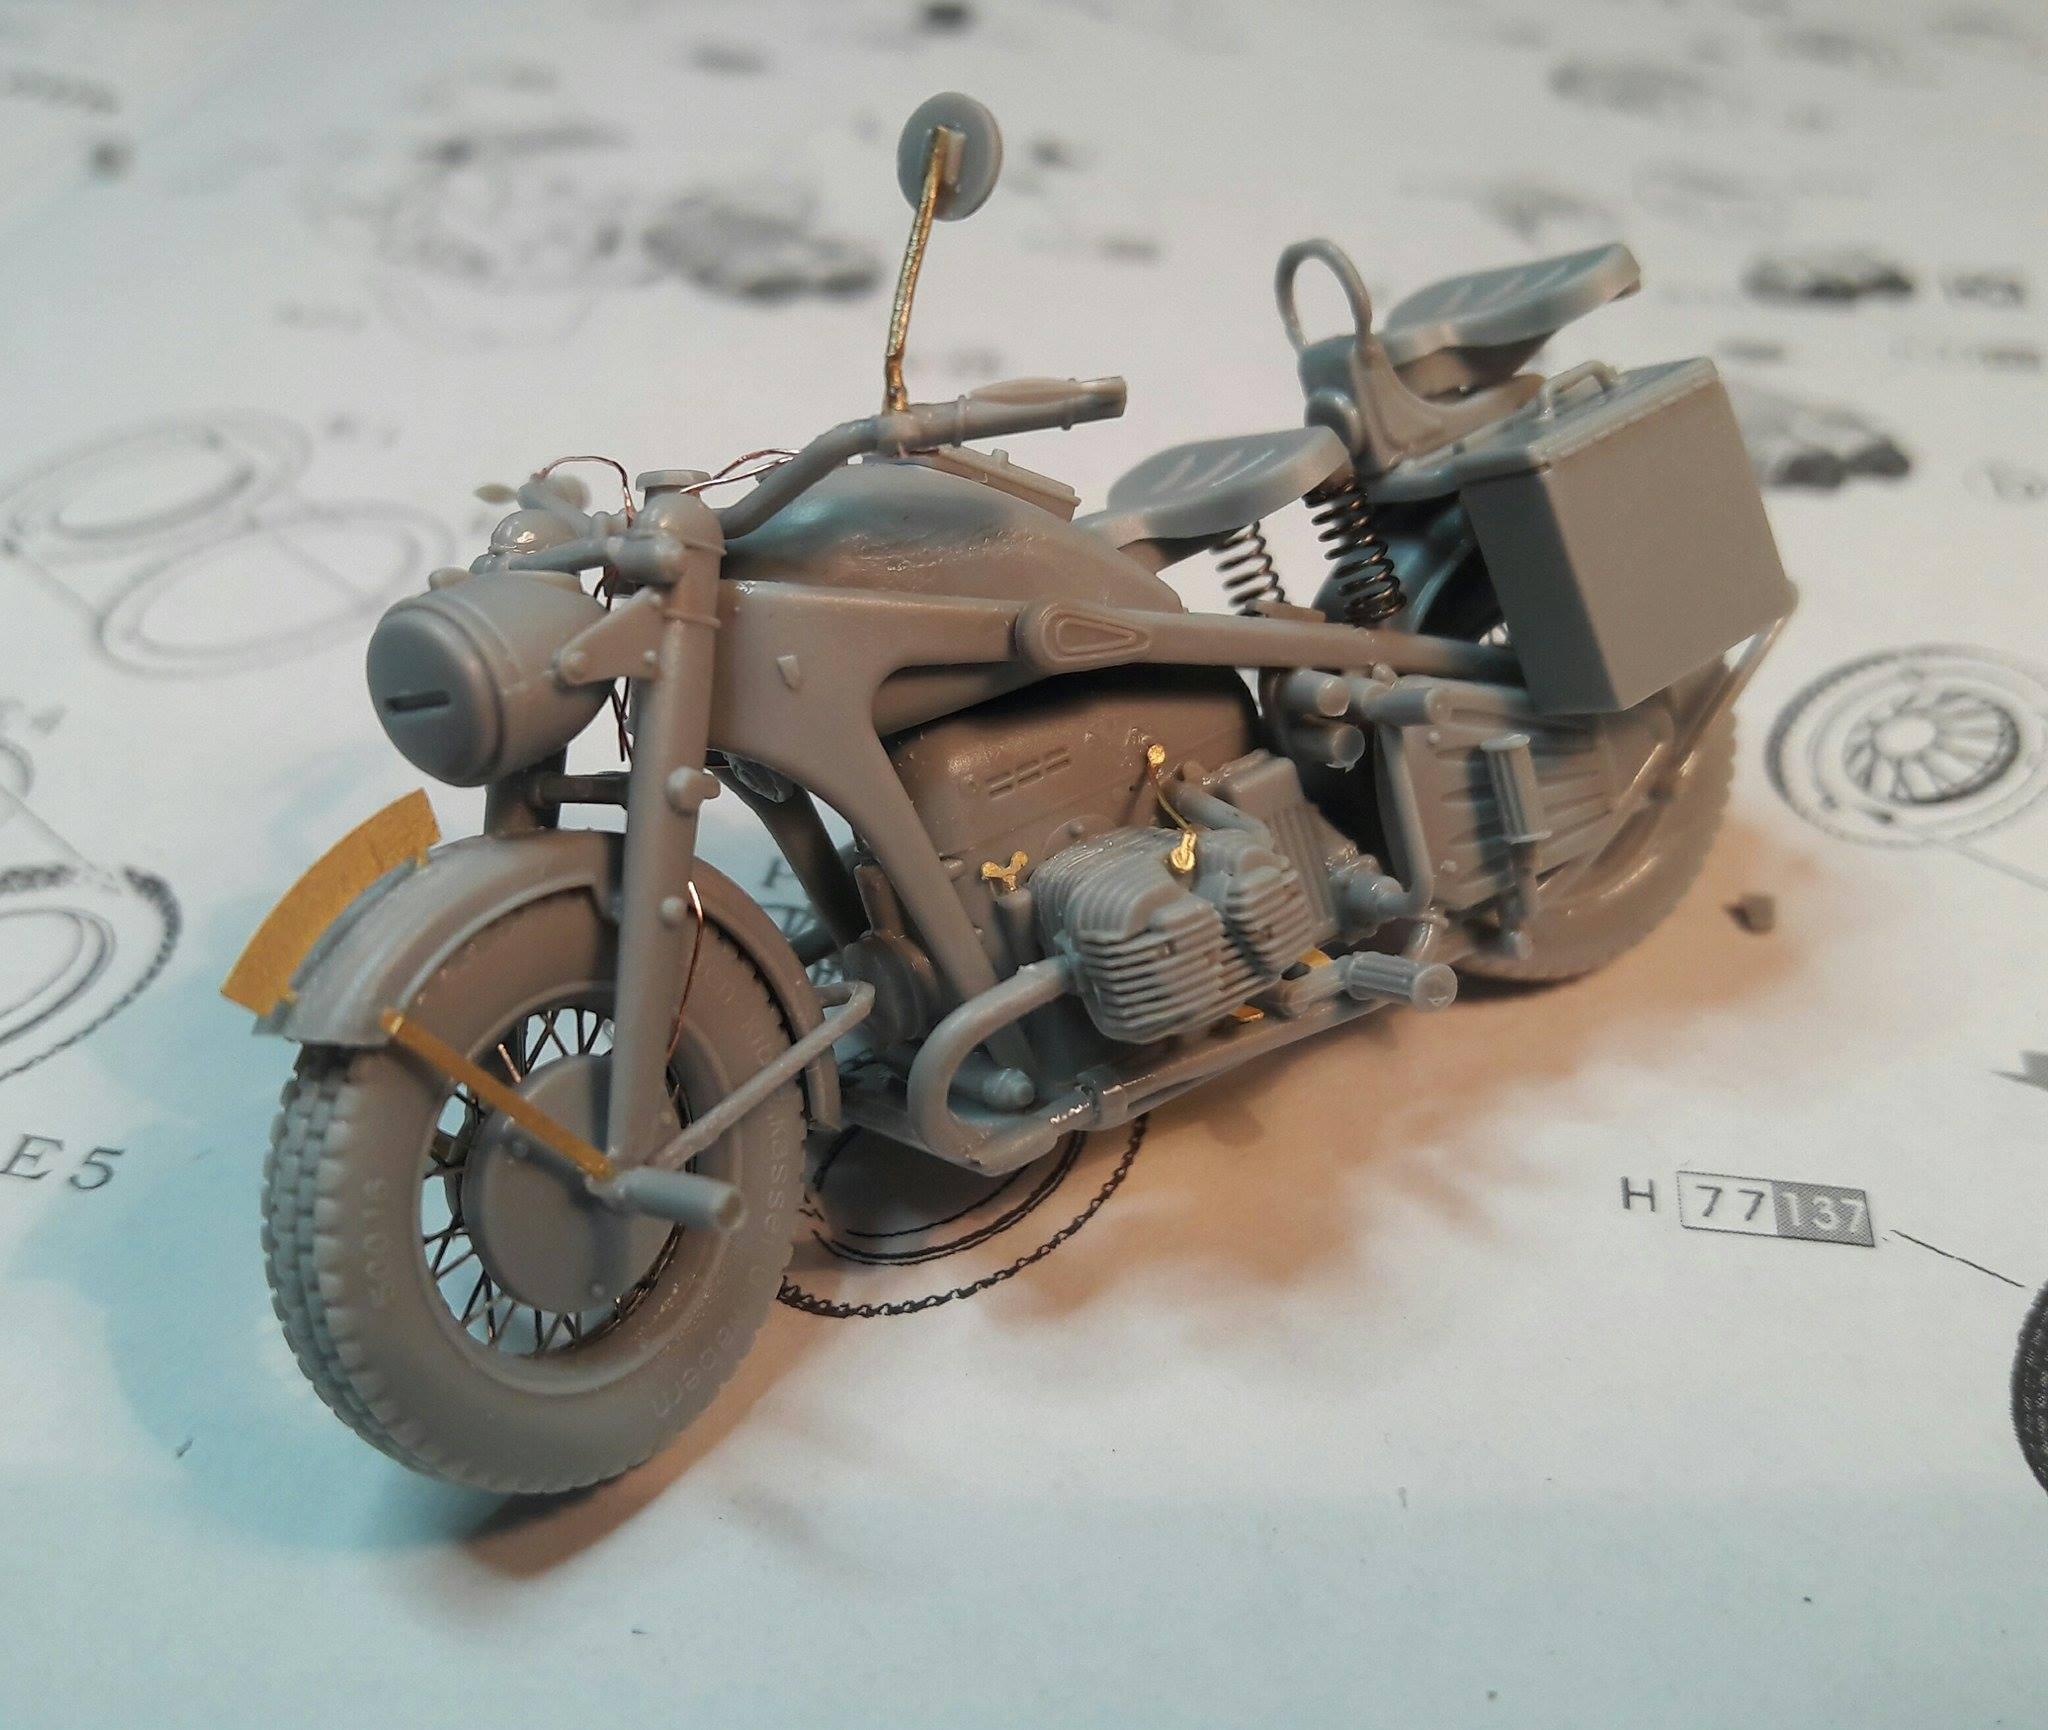 Zündapp KS750 - Sidecar - Great Wall Hobby + figurines Alpine - 1/35 - Page 4 1561771987606010211758122483077742465915o